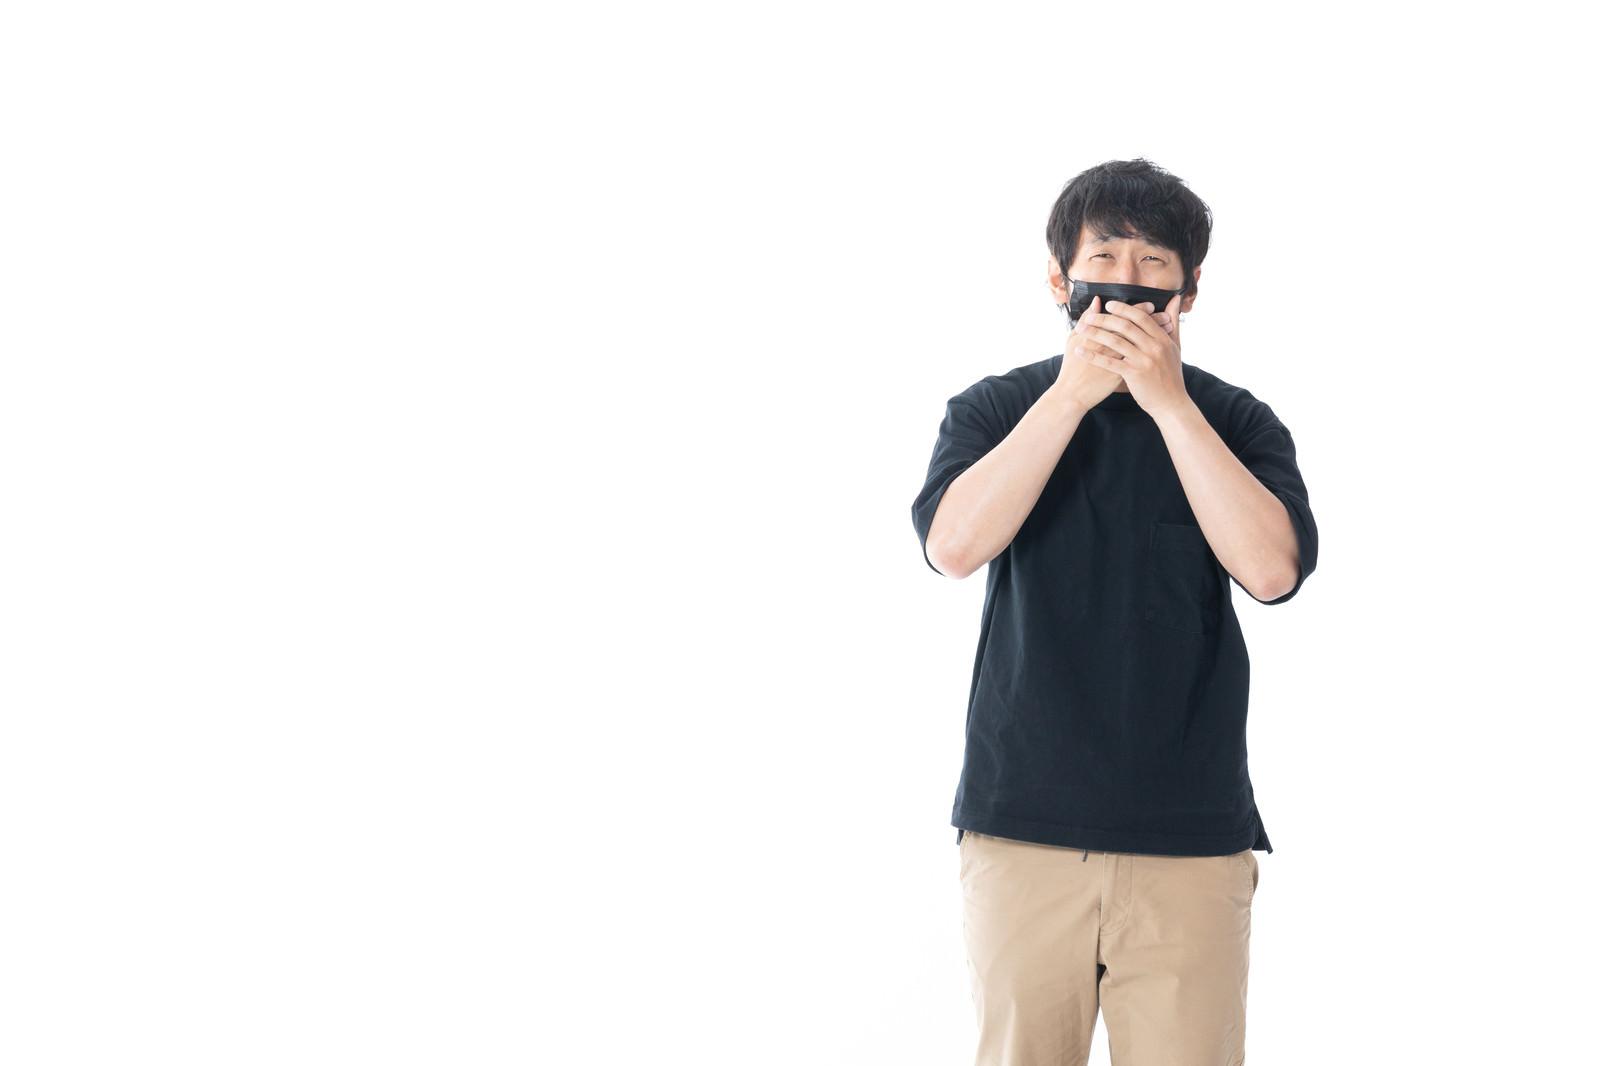 「嘲笑するマスク男」の写真[モデル:大川竜弥]